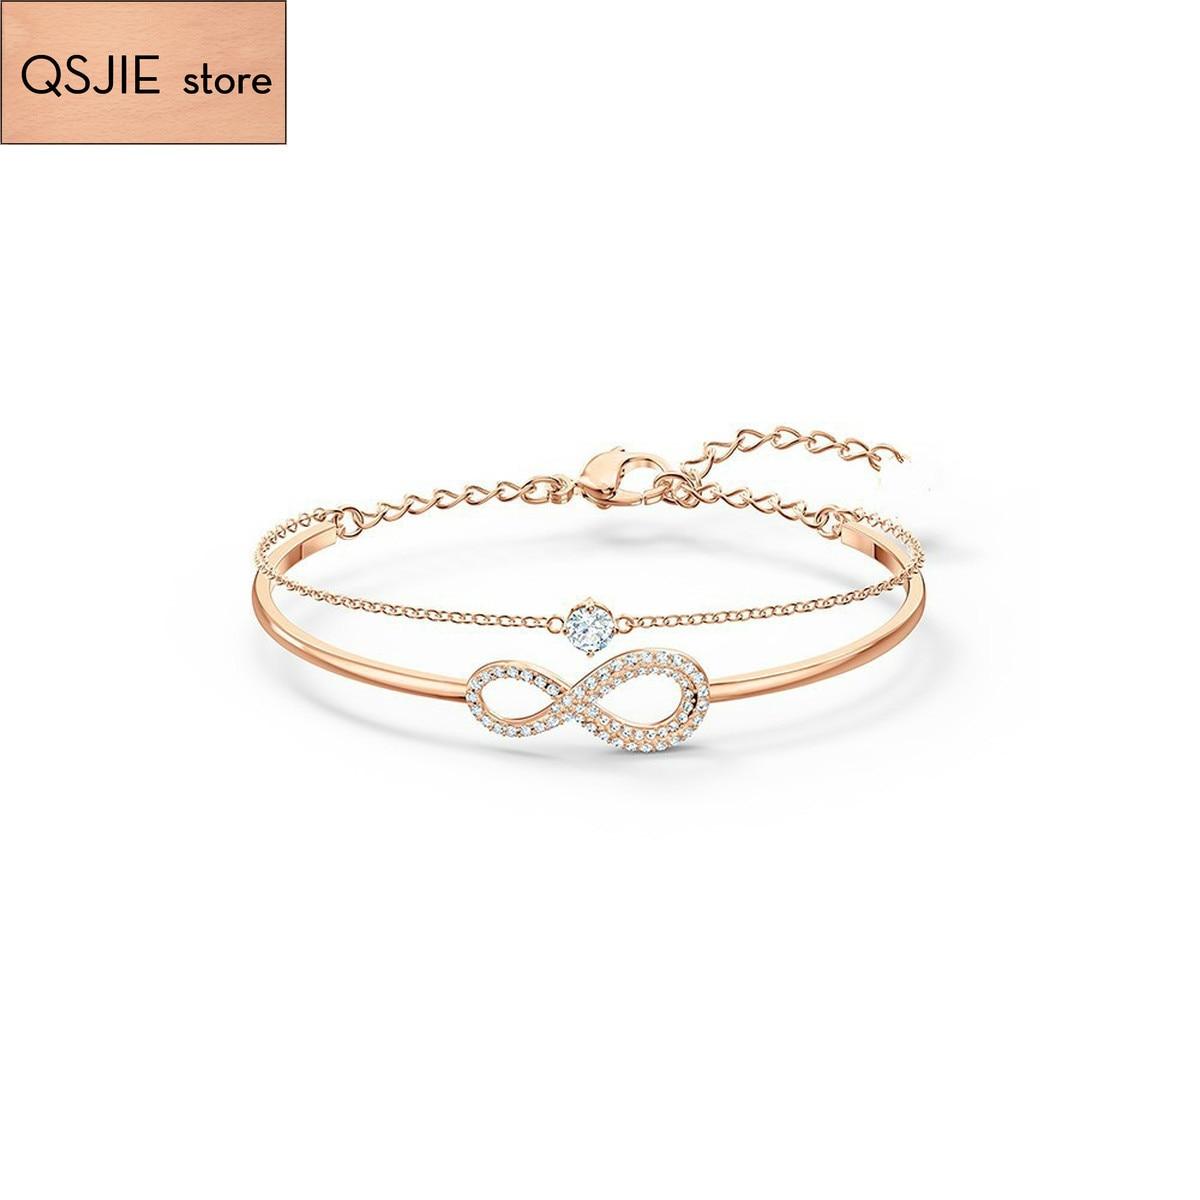 Qsjie swa de alta qualidade. Elegante amor de 8 personagens infinito amor romântico dupla camada pulseira feminina